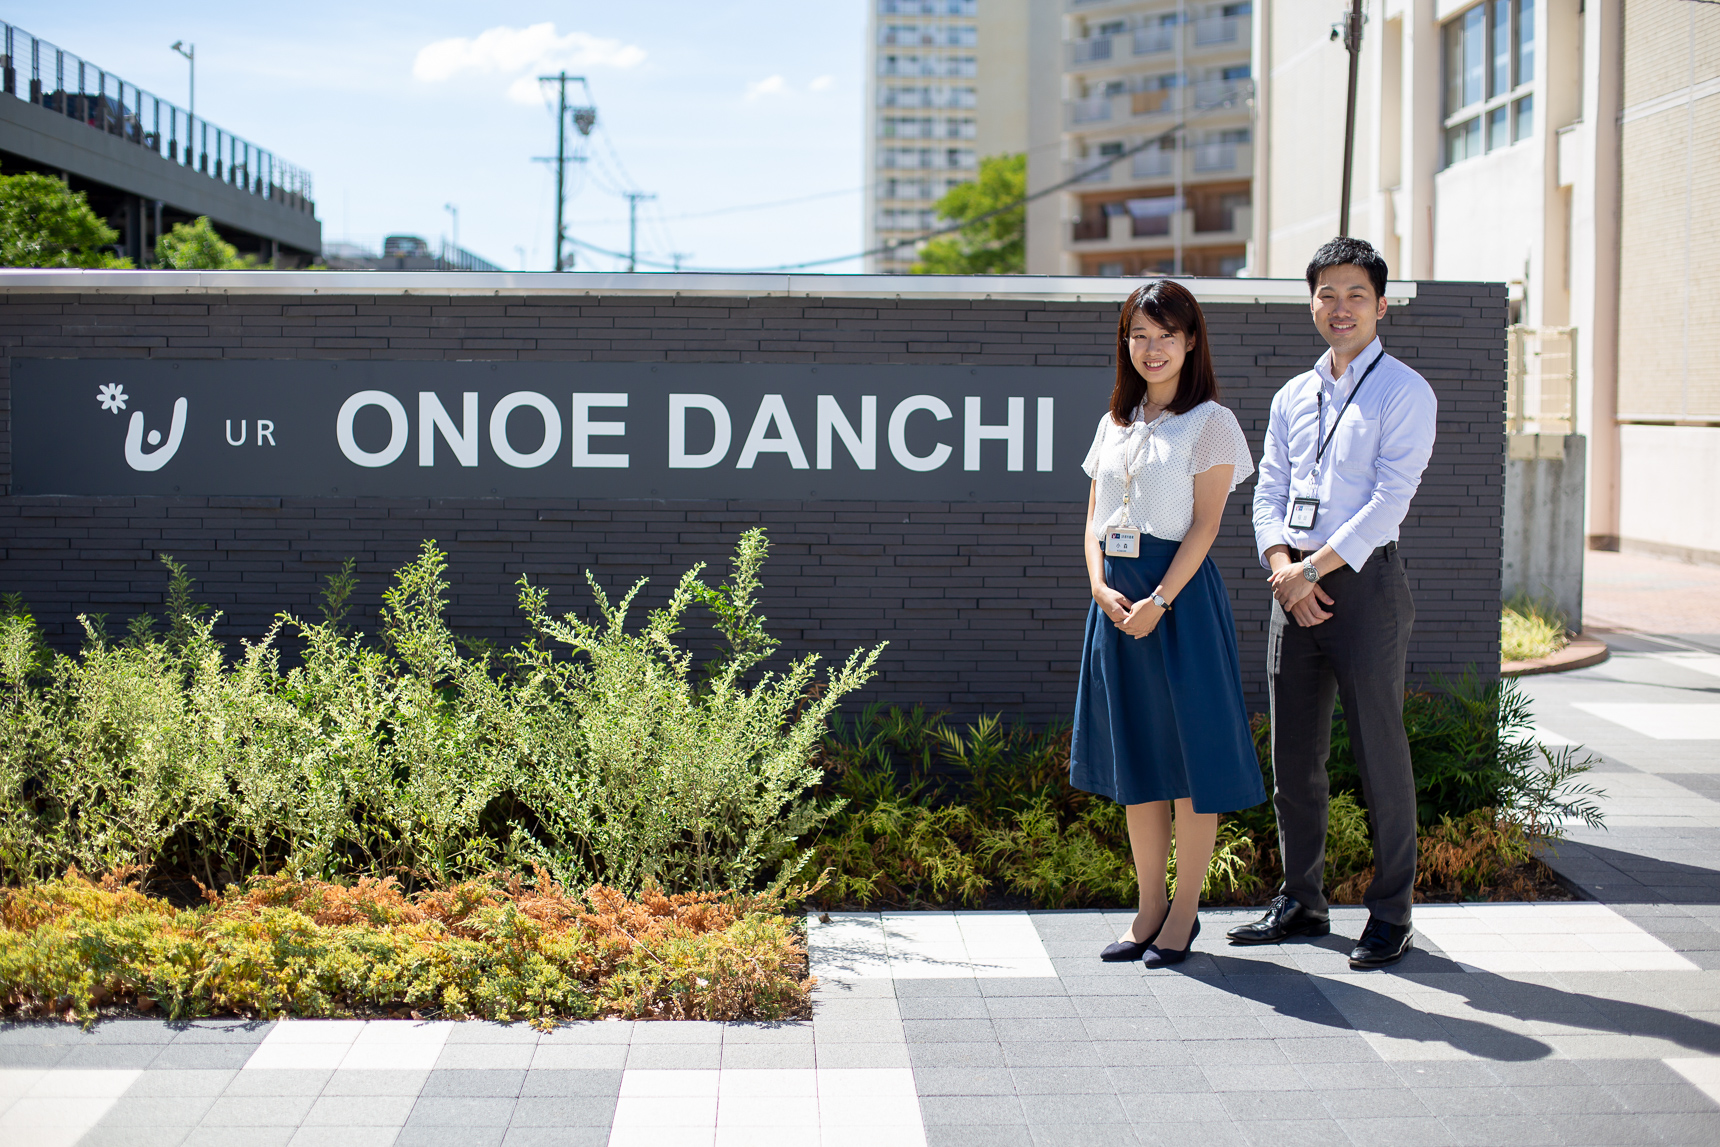 こちらの団地をご案内いただいたのは、UR都市機構の稲田さん(写真右)と小森さん(写真左)